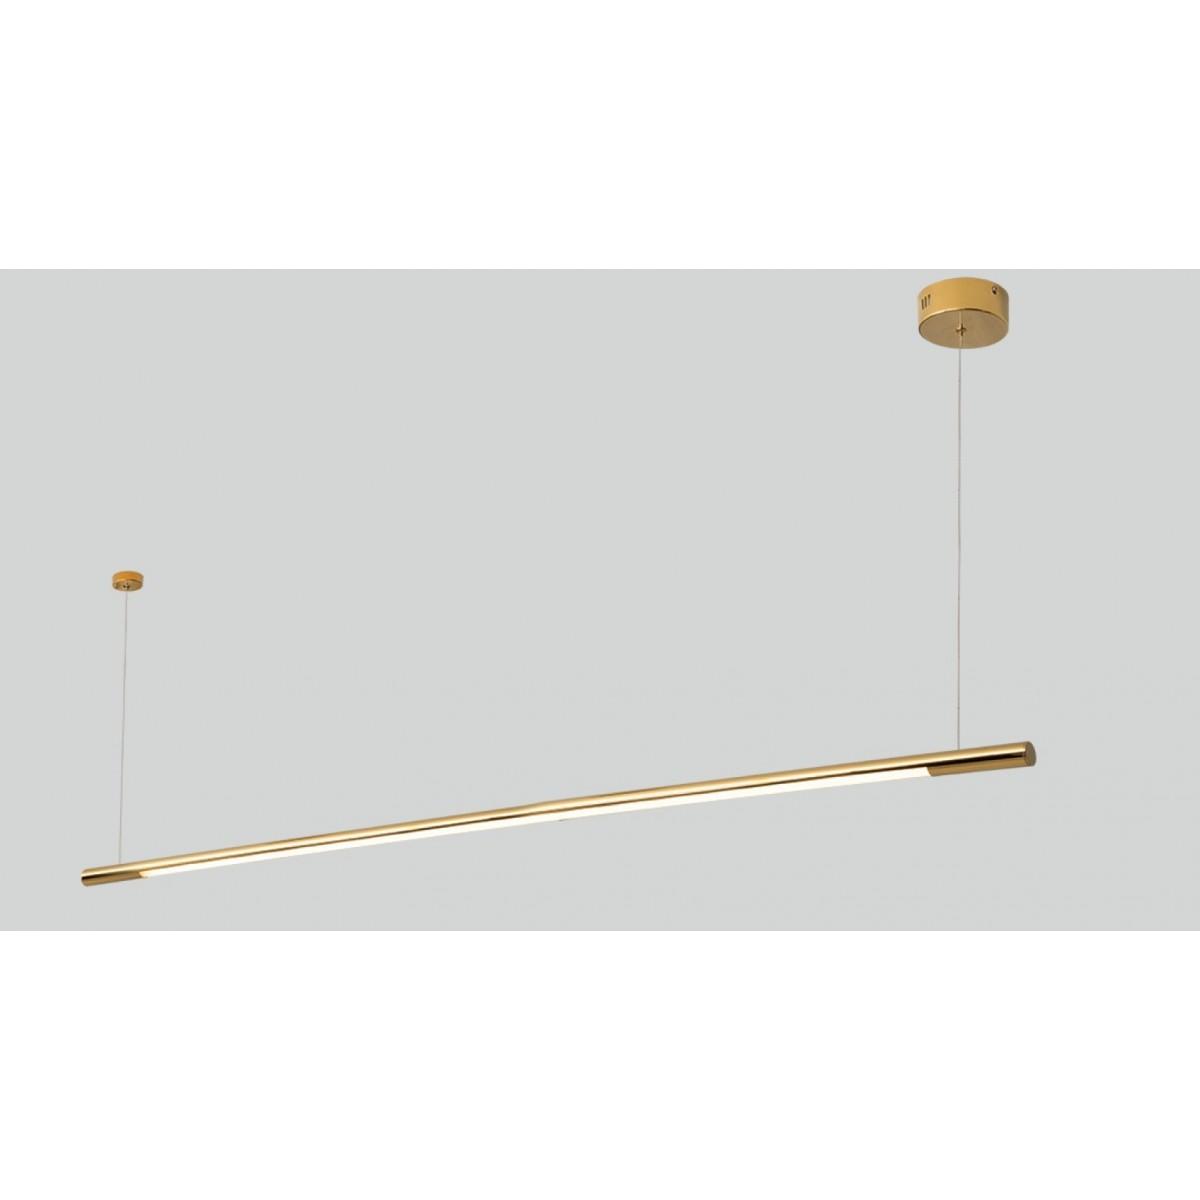 MAXlight Organic Horizon Wisząca 26W LED 2210lm 3000K 150cm Złota Ściemnialna P0360D